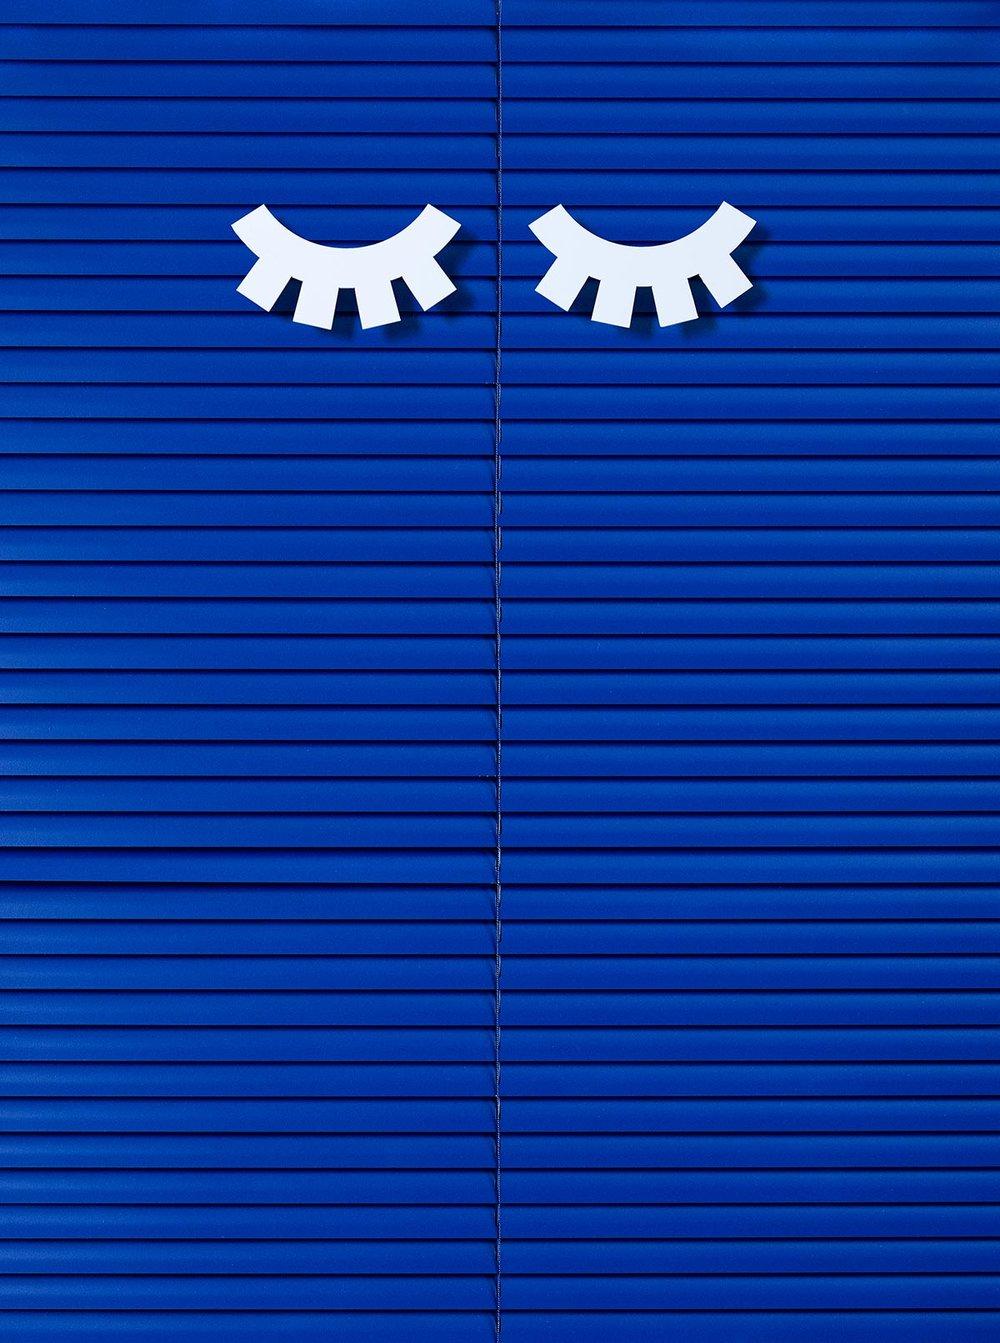 kaibosh_01_windowblinds-eyelashes.jpg